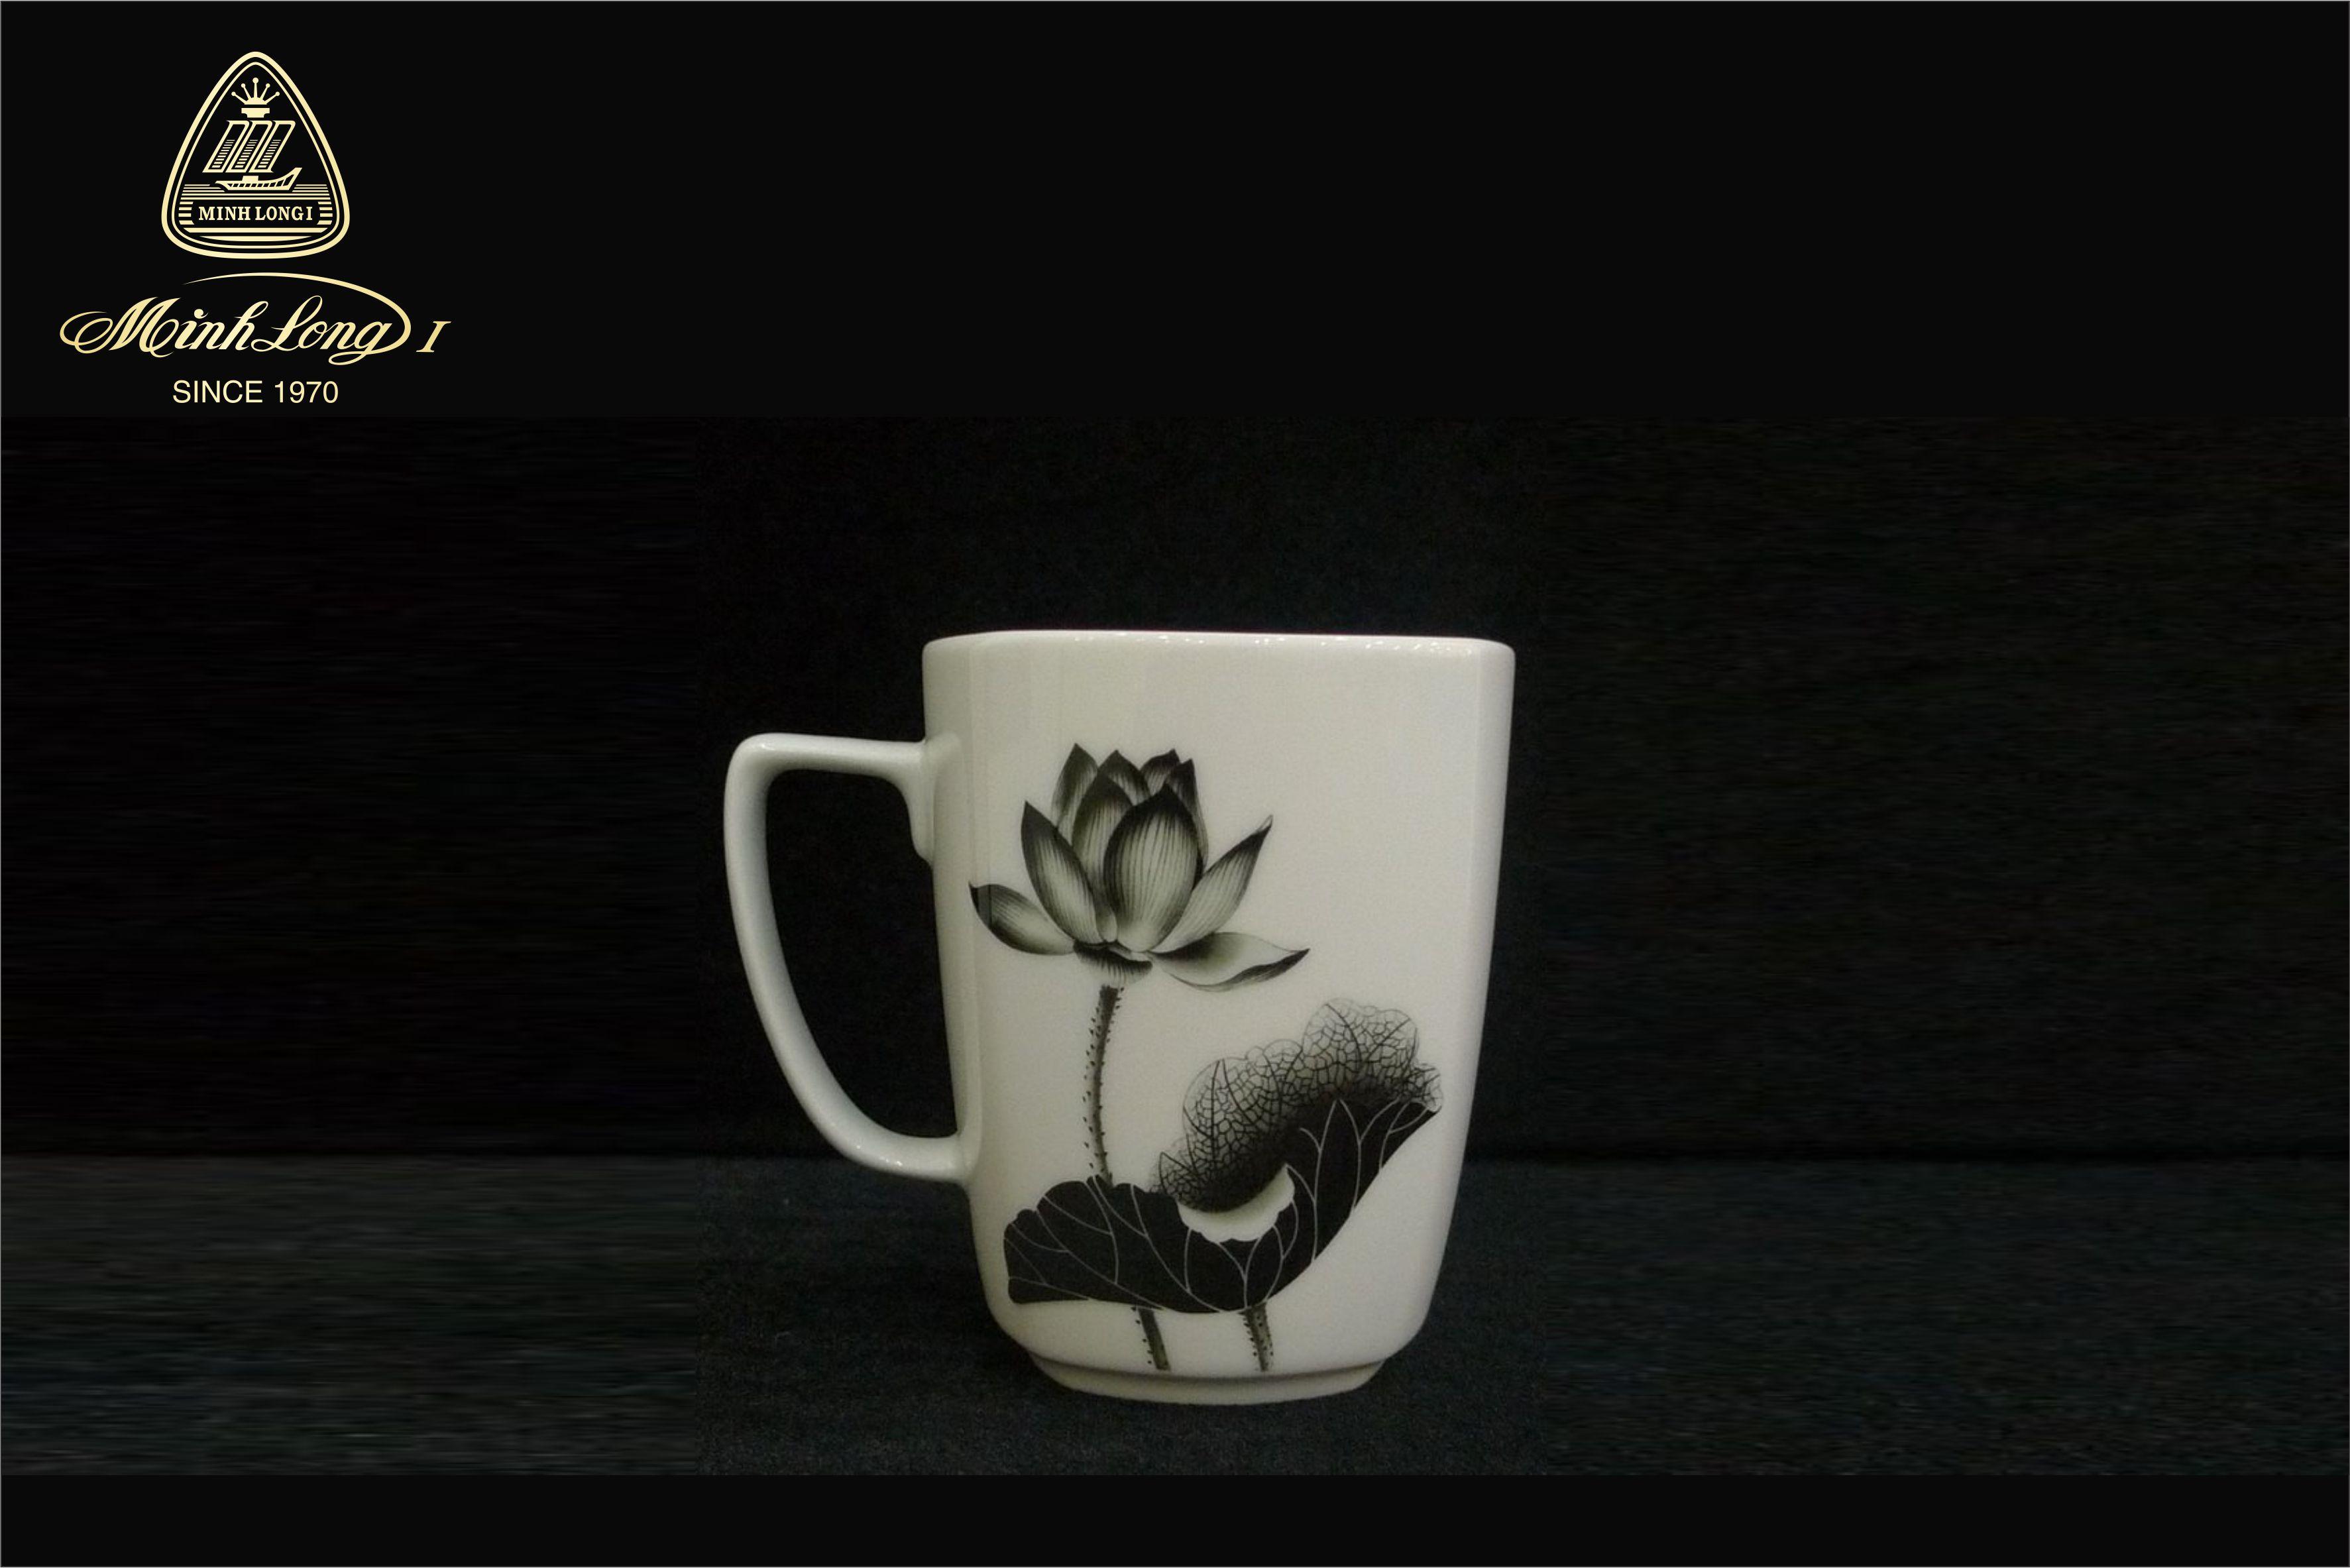 Ca trà 0.36L Vuông T Tịnh Tâm 153635207 Minh Long